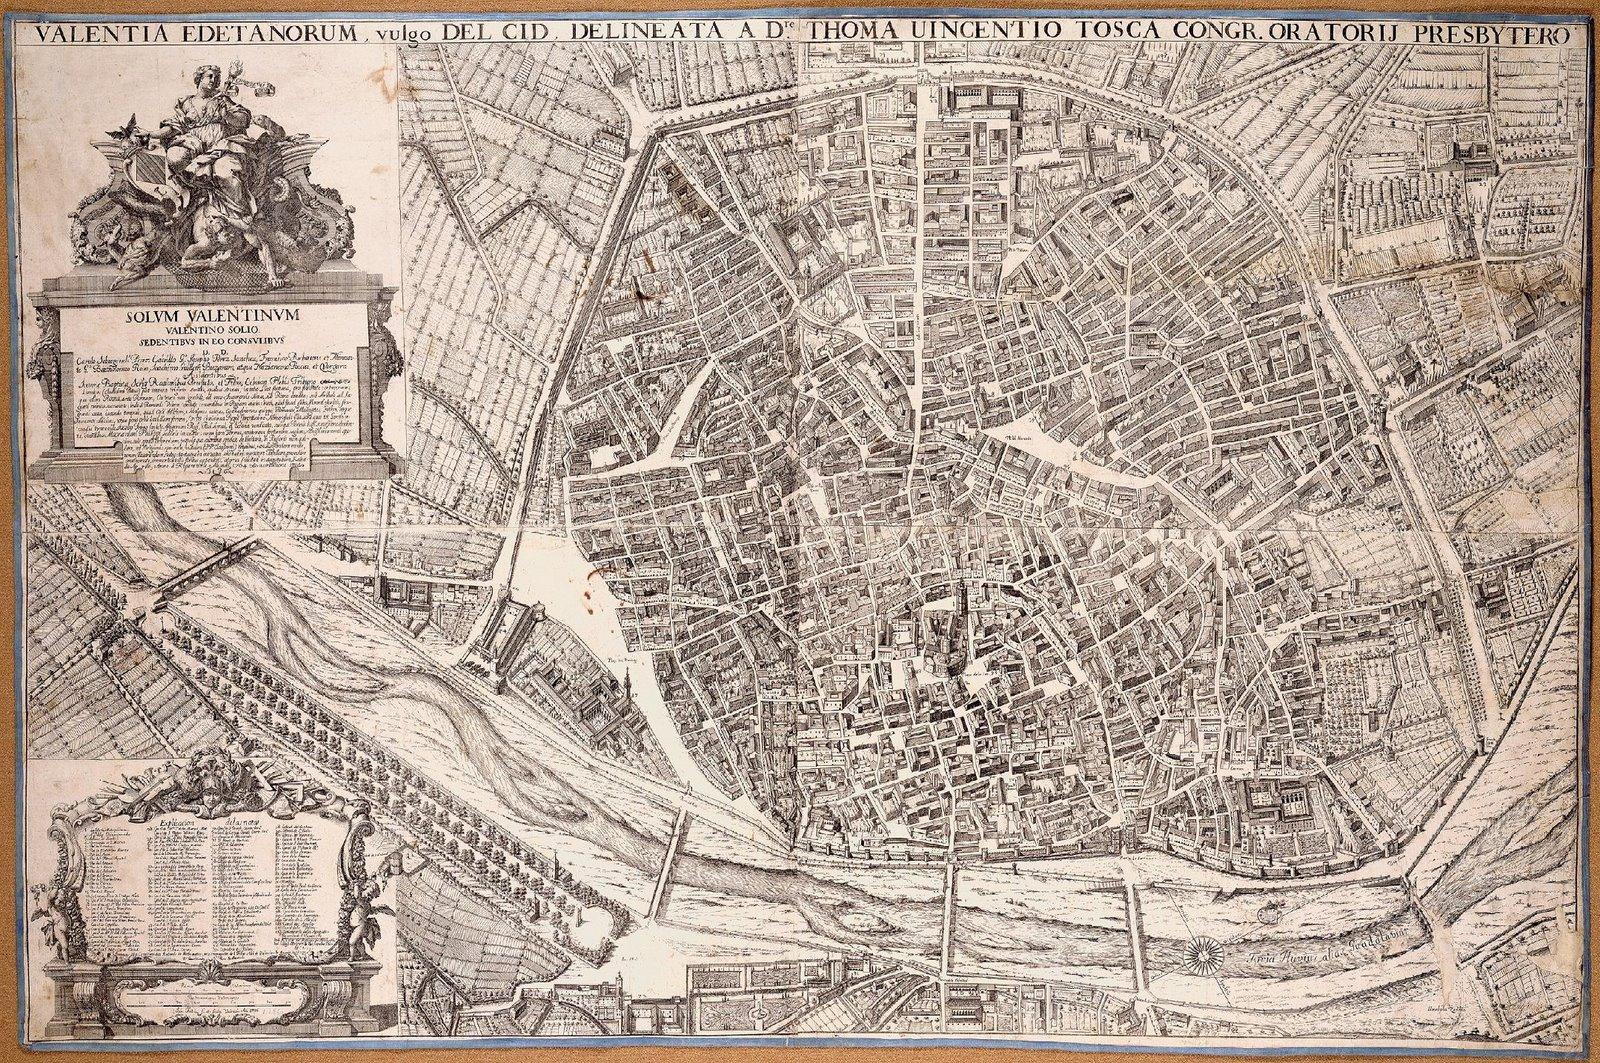 Valentia Edetanorum vulgo del Cid 1738